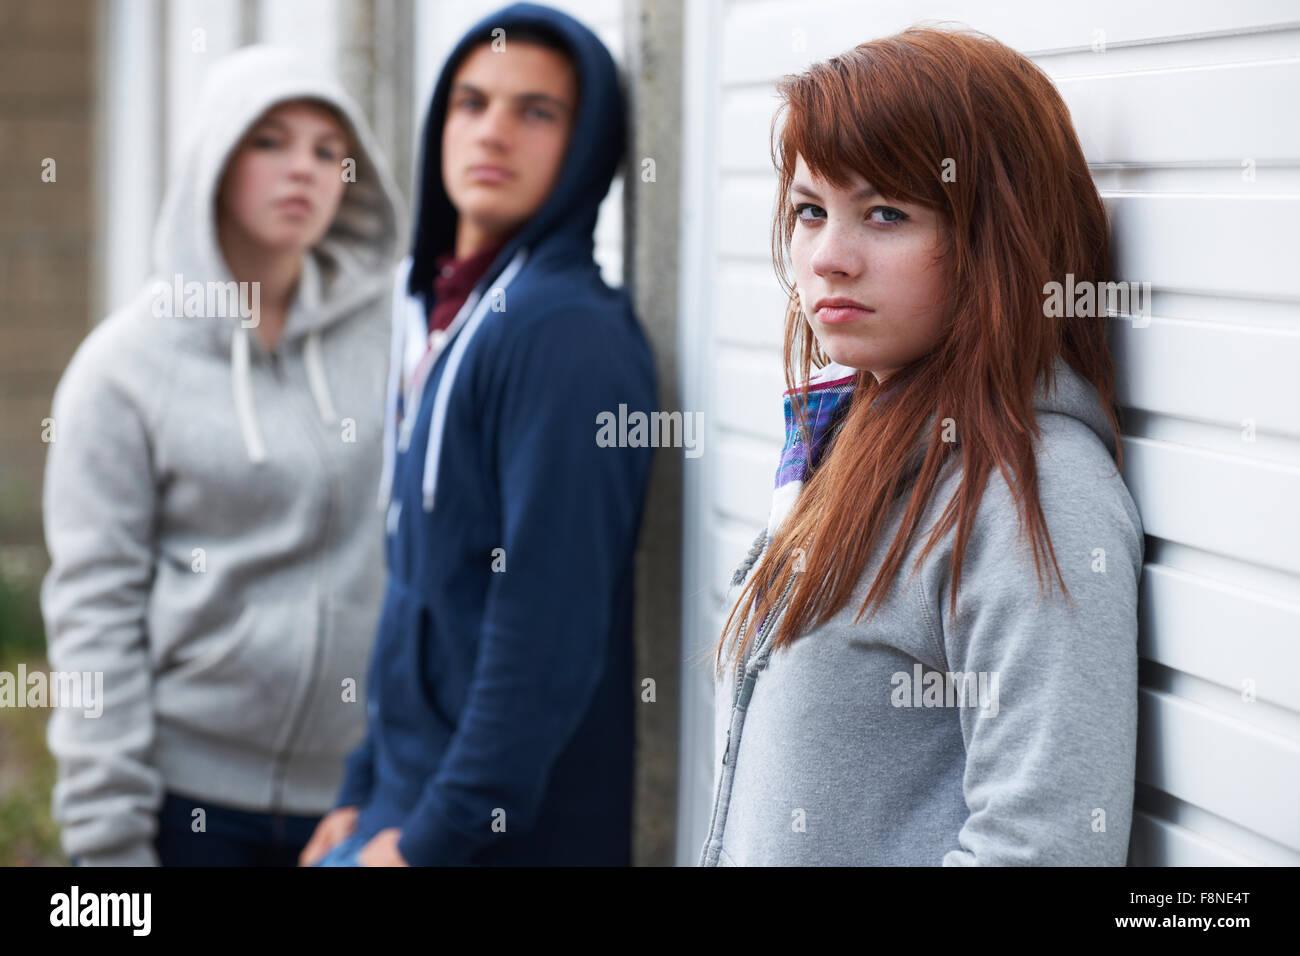 Bande d'adolescents qui traînaient dans l'environnement urbain Photo Stock